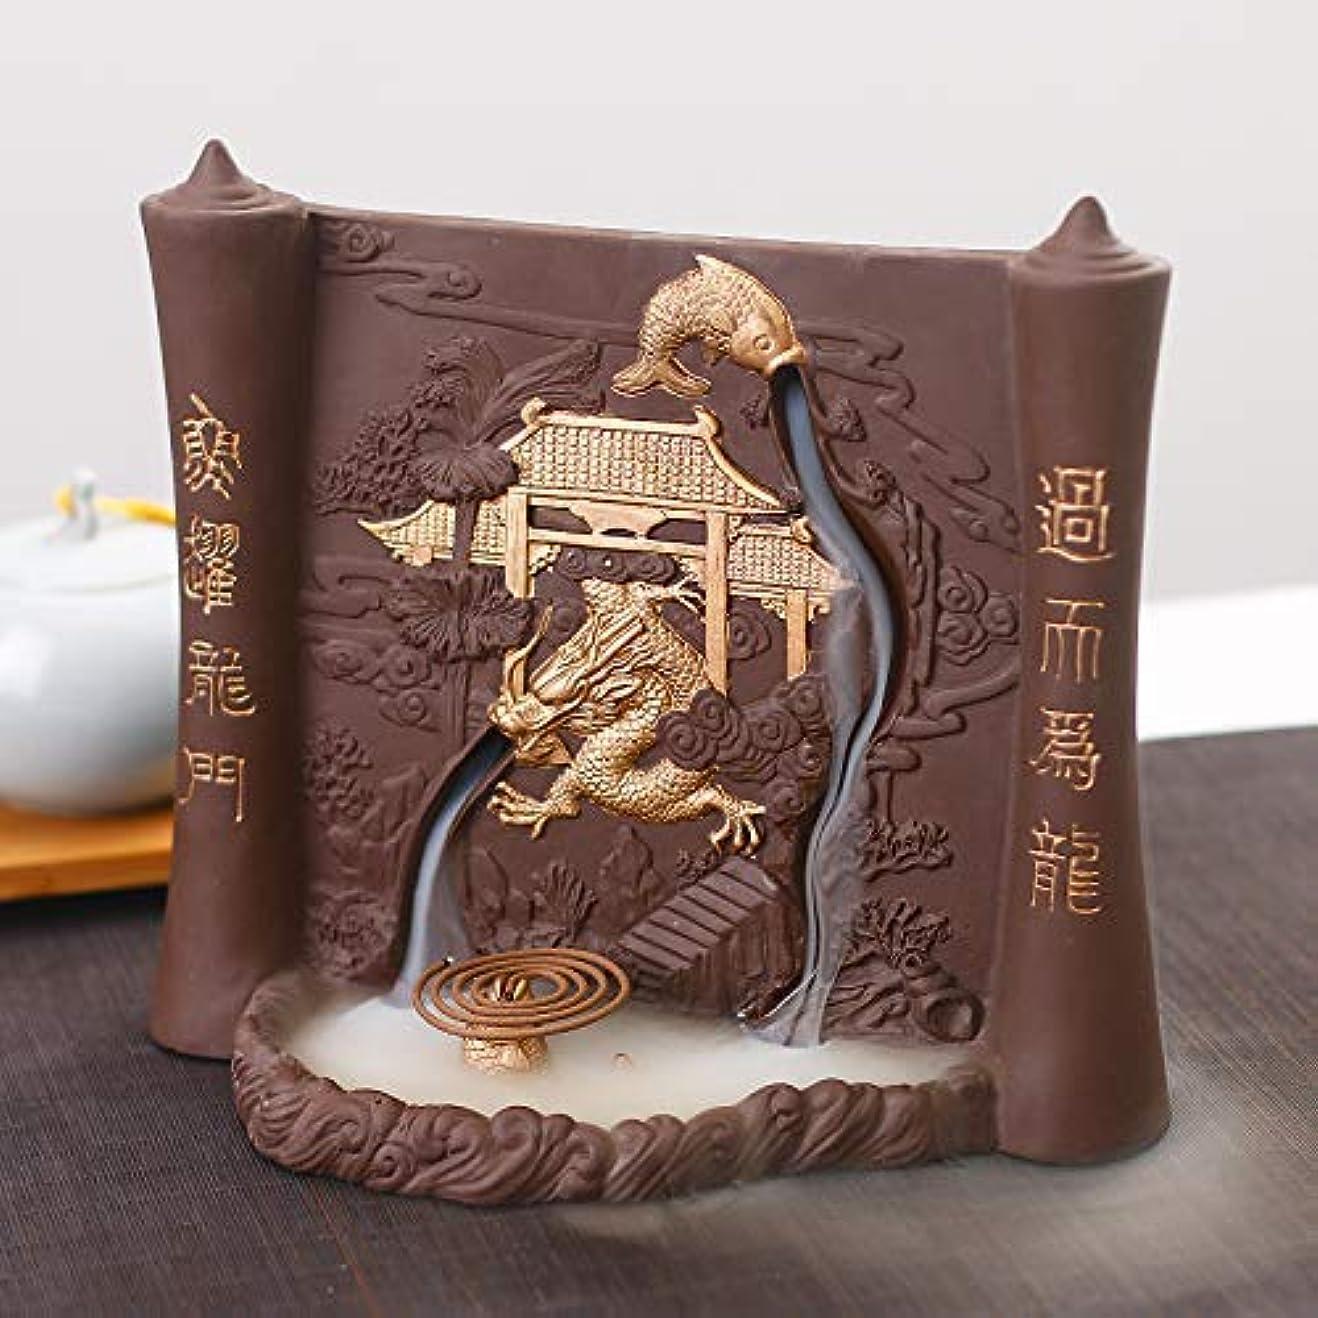 たまにデッドロック起点PHILOGOD 香炉 陶器漢字彫刻レリーフ手作り逆流香炉 線香立て デュアルユース お香 ホルダー